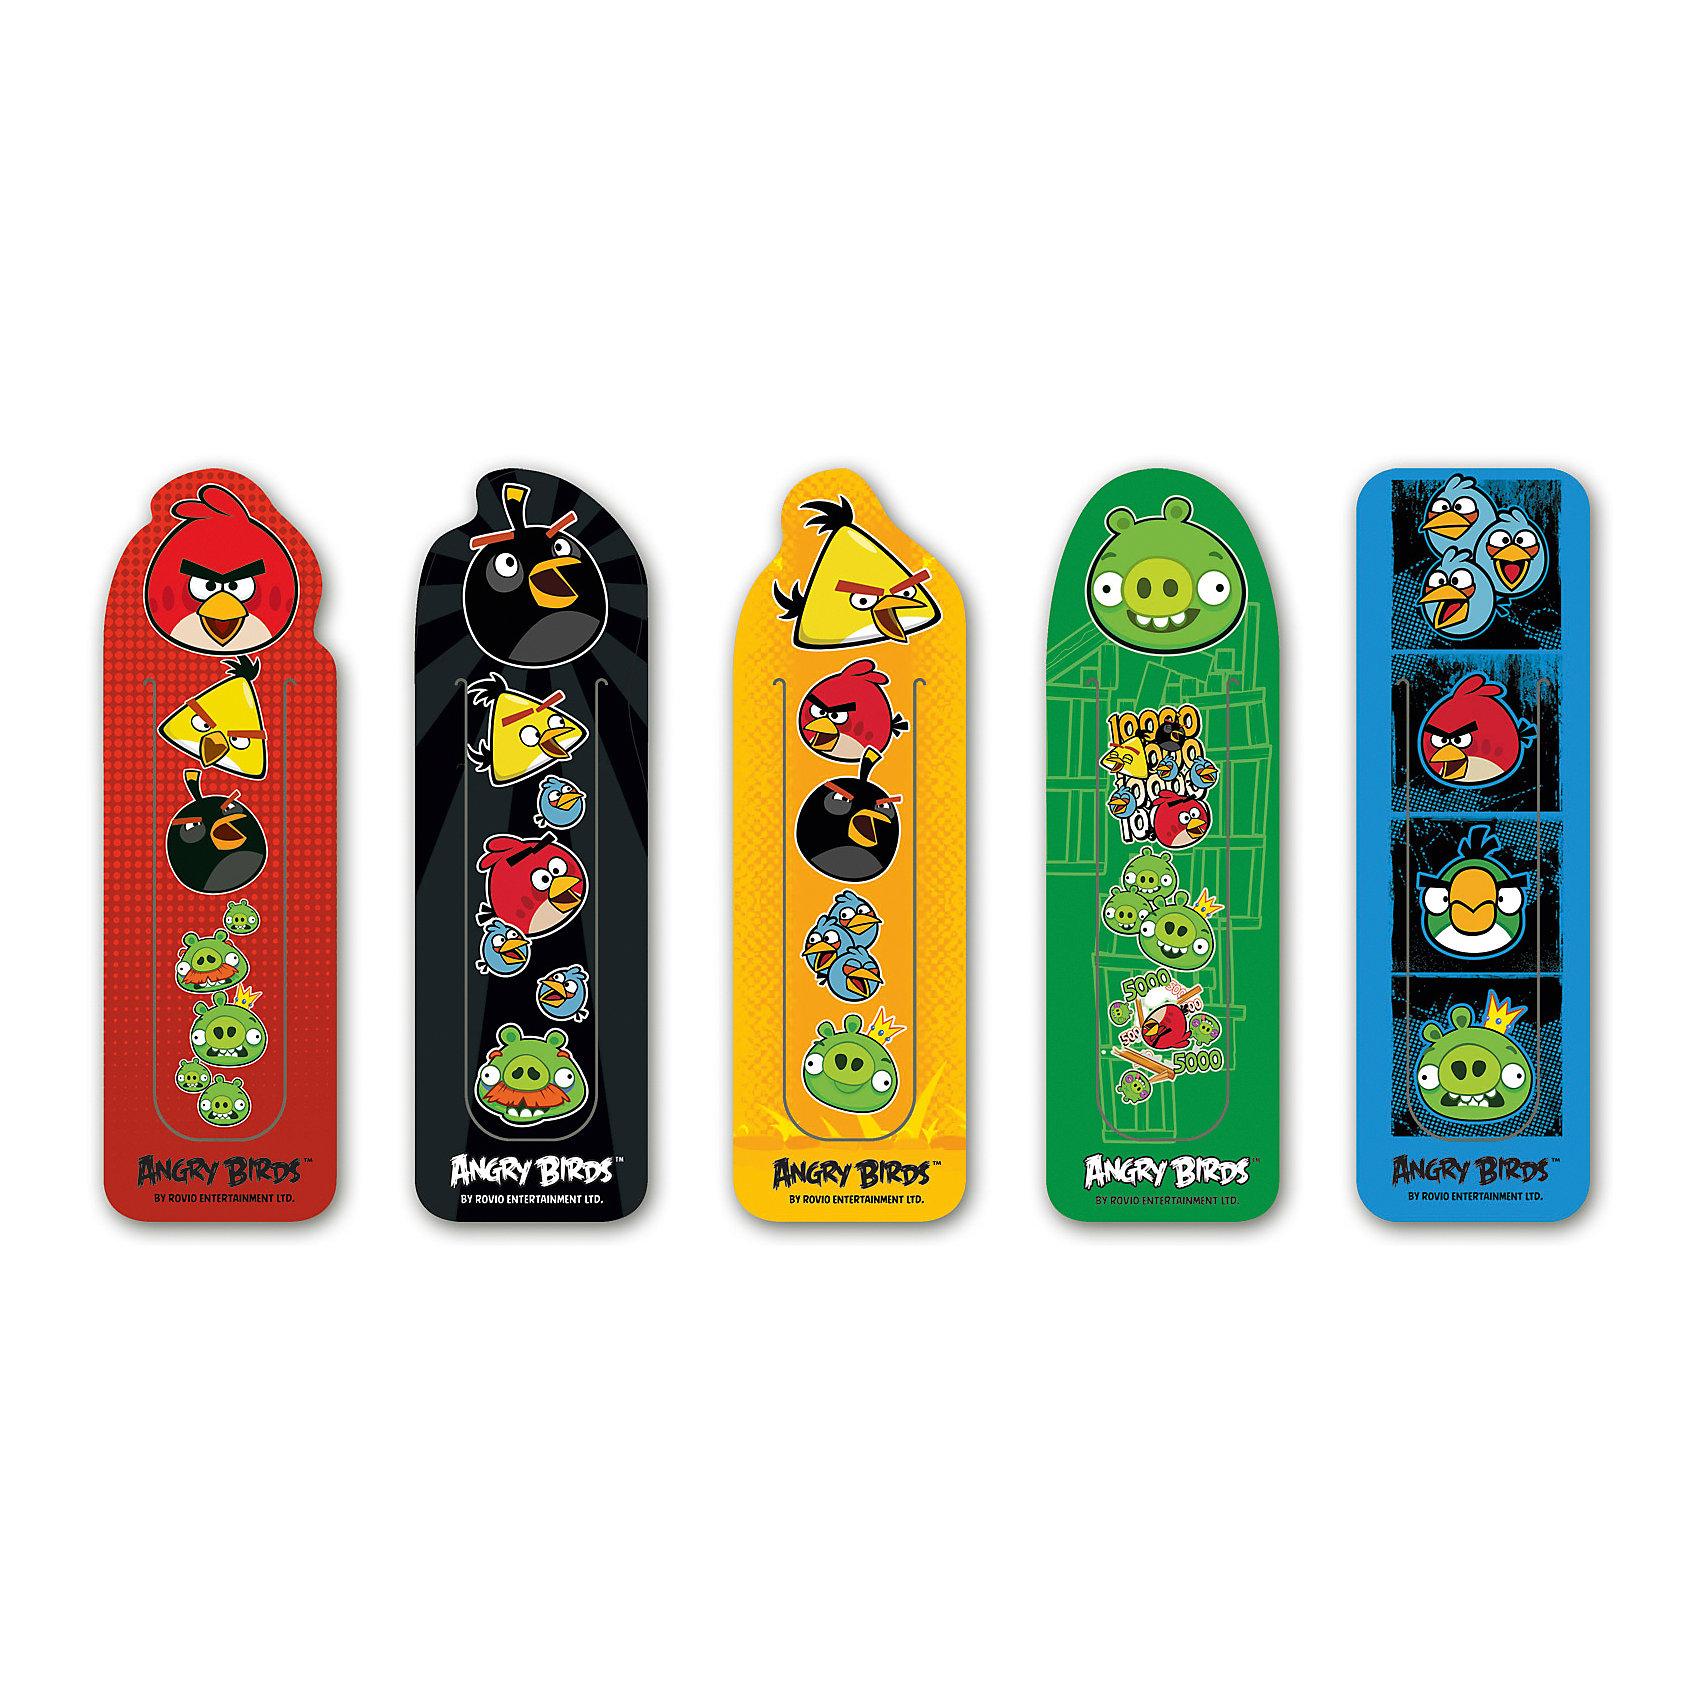 Набор фигурных закладок Angry Birds (5 шт)Набор фигурных закладок Angry Birds (5 шт)<br><br>Характеристики:<br><br>• В комплекте: 5 штук<br>• Вес: 19г<br>• Размер: 260х3х230мм<br><br>Набор фигурных закладок с героями знаменитого мультфильма не оставит ребенка равнодушным. Такие закладки очень удобно фиксируют страницу, на которой остановился ребенок. Также их можно расположить сбоку, тем самым пометив строку, на которой остановили чтение.<br><br>Набор фигурных закладок Angry Birds (5 шт) можно купить в нашем интернет-магазине.<br><br>Ширина мм: 260<br>Глубина мм: 3<br>Высота мм: 230<br>Вес г: 19<br>Возраст от месяцев: 48<br>Возраст до месяцев: 144<br>Пол: Унисекс<br>Возраст: Детский<br>SKU: 5390333